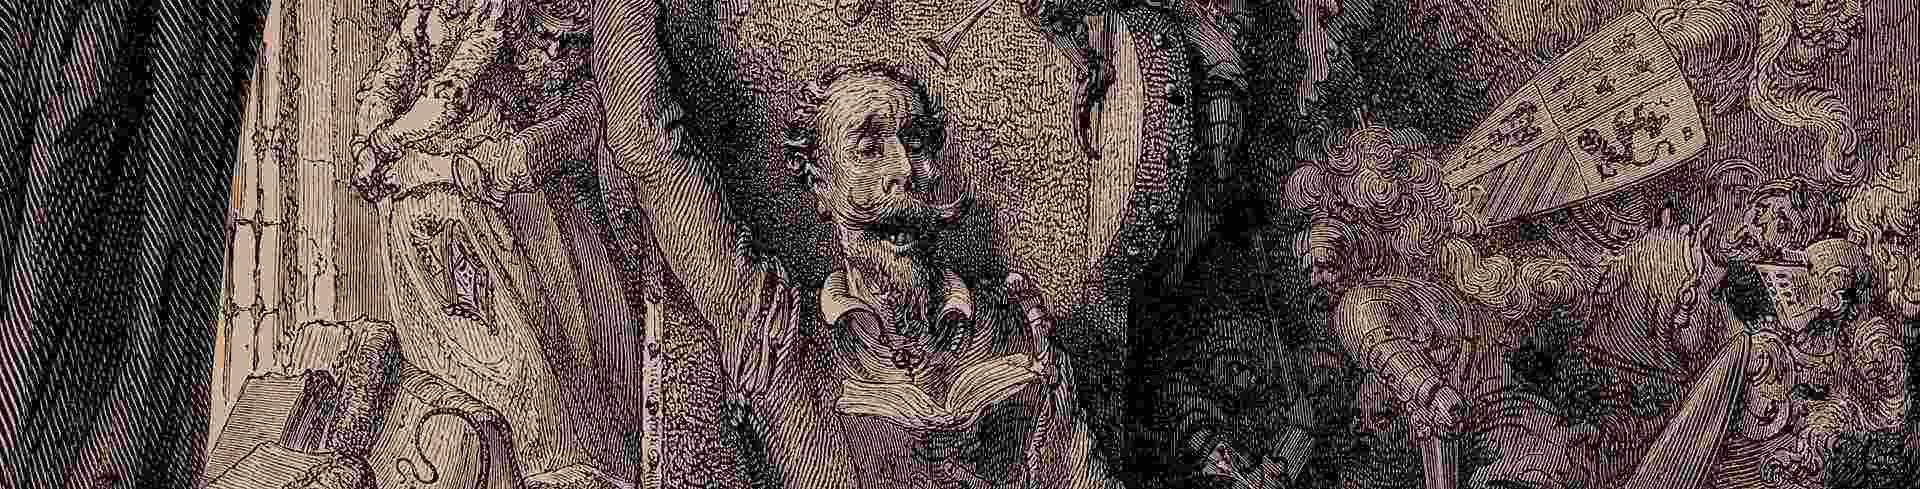 Curso Don Quijote de la Mancha: lectura, análisis e interpretación